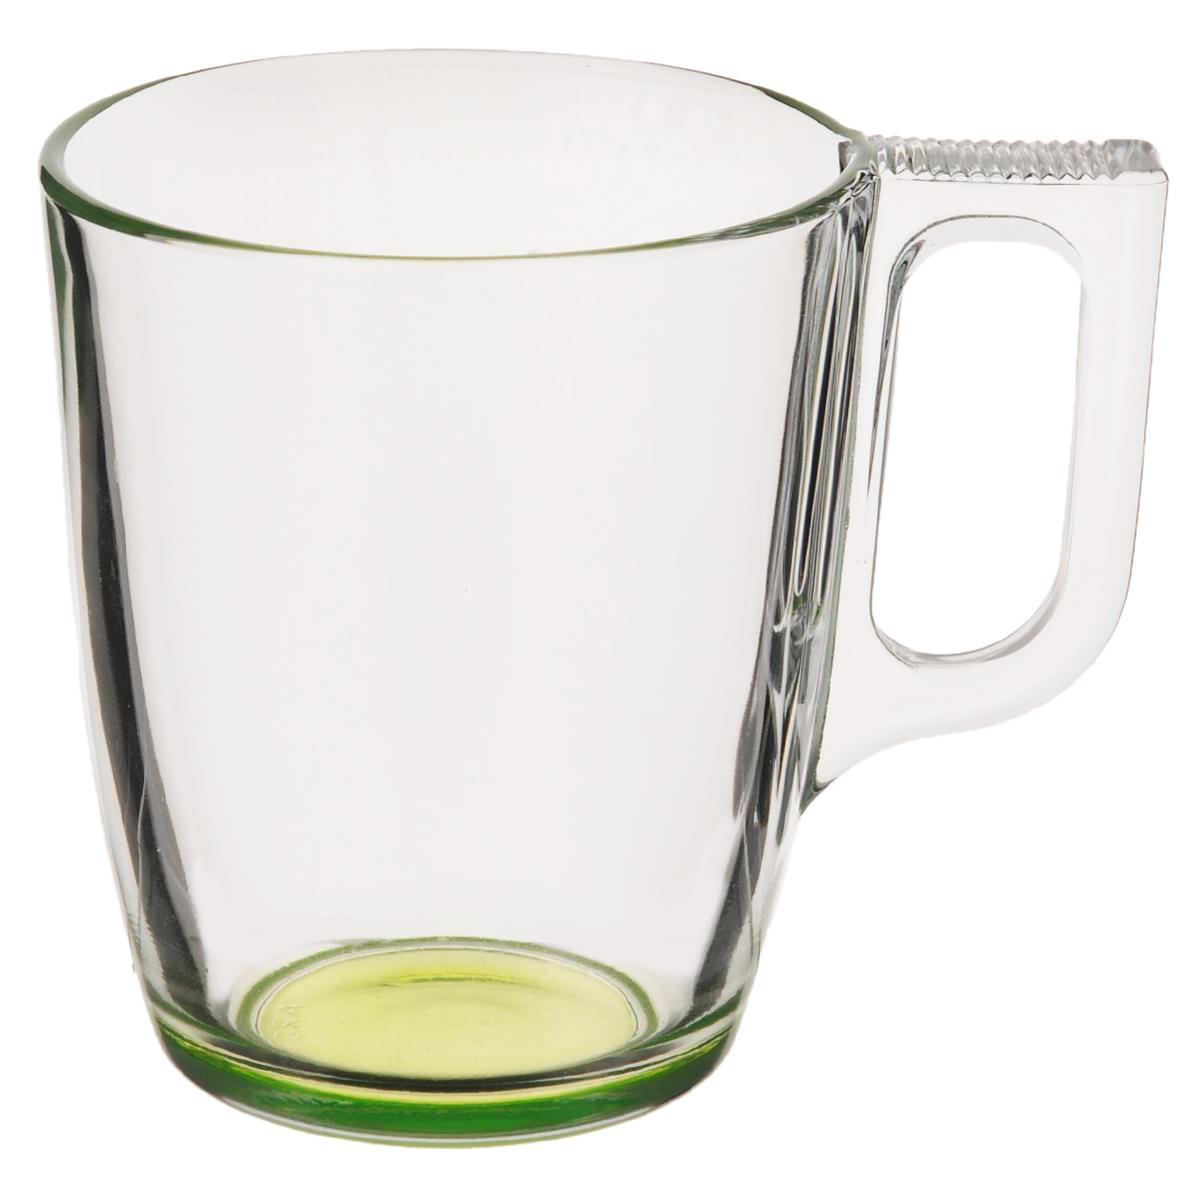 Кружка Luminarc Crazy Colors, 250 млJ3709Кружка Luminarc Crazy Colors, изготовленная из ударопрочного стекла, прекрасно подойдет для горячих и холодных напитков. Она дополнит коллекцию вашей кухонной посуды и будет служить долгие годы. Диаметр кружки (по верхнему краю): 7,5 см. Высота кружки: 9 см.